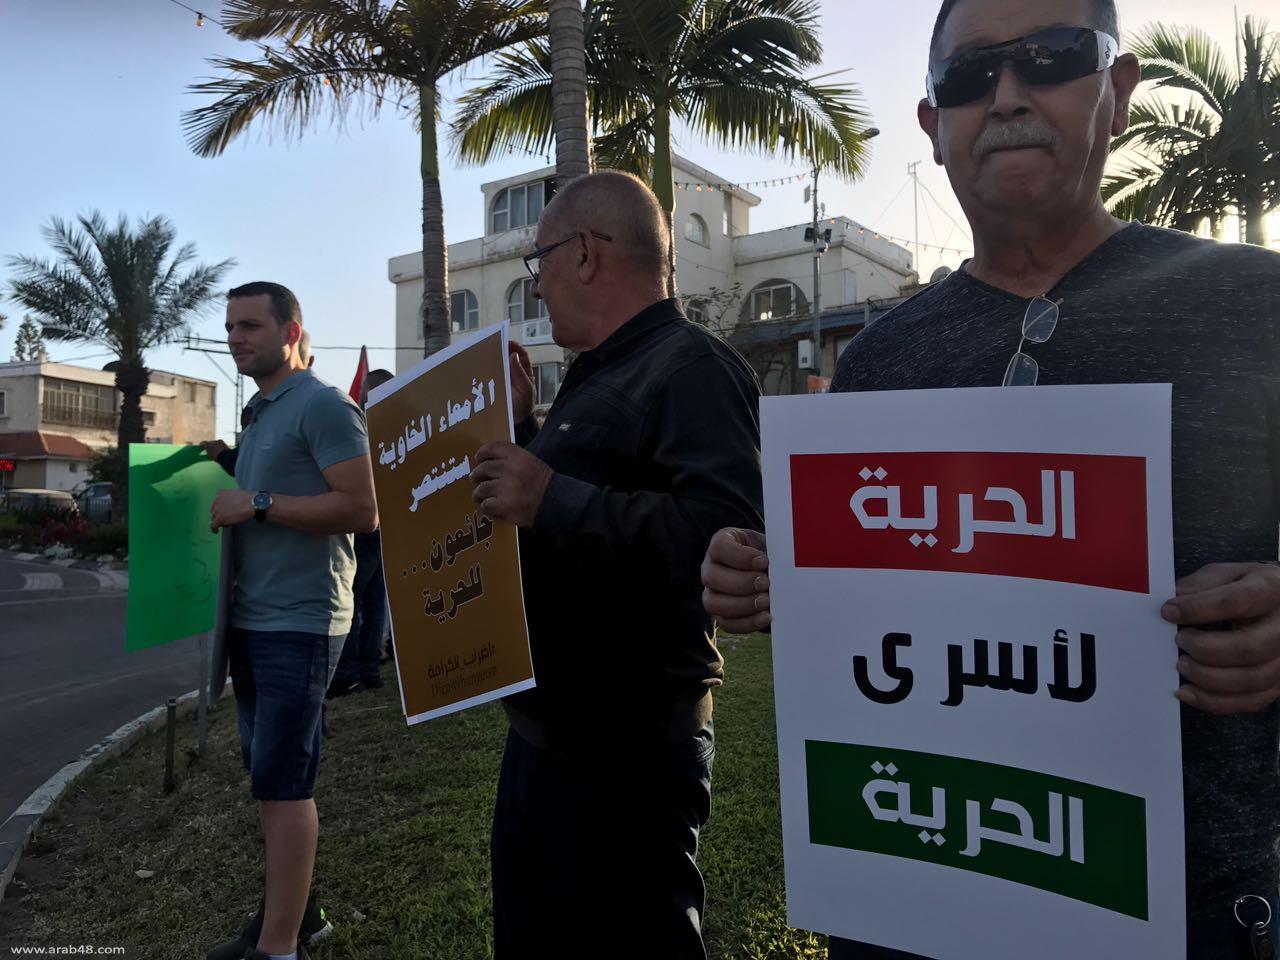 مظاهرة وحدوية بالطيرة تضامنًا مع الأسرى